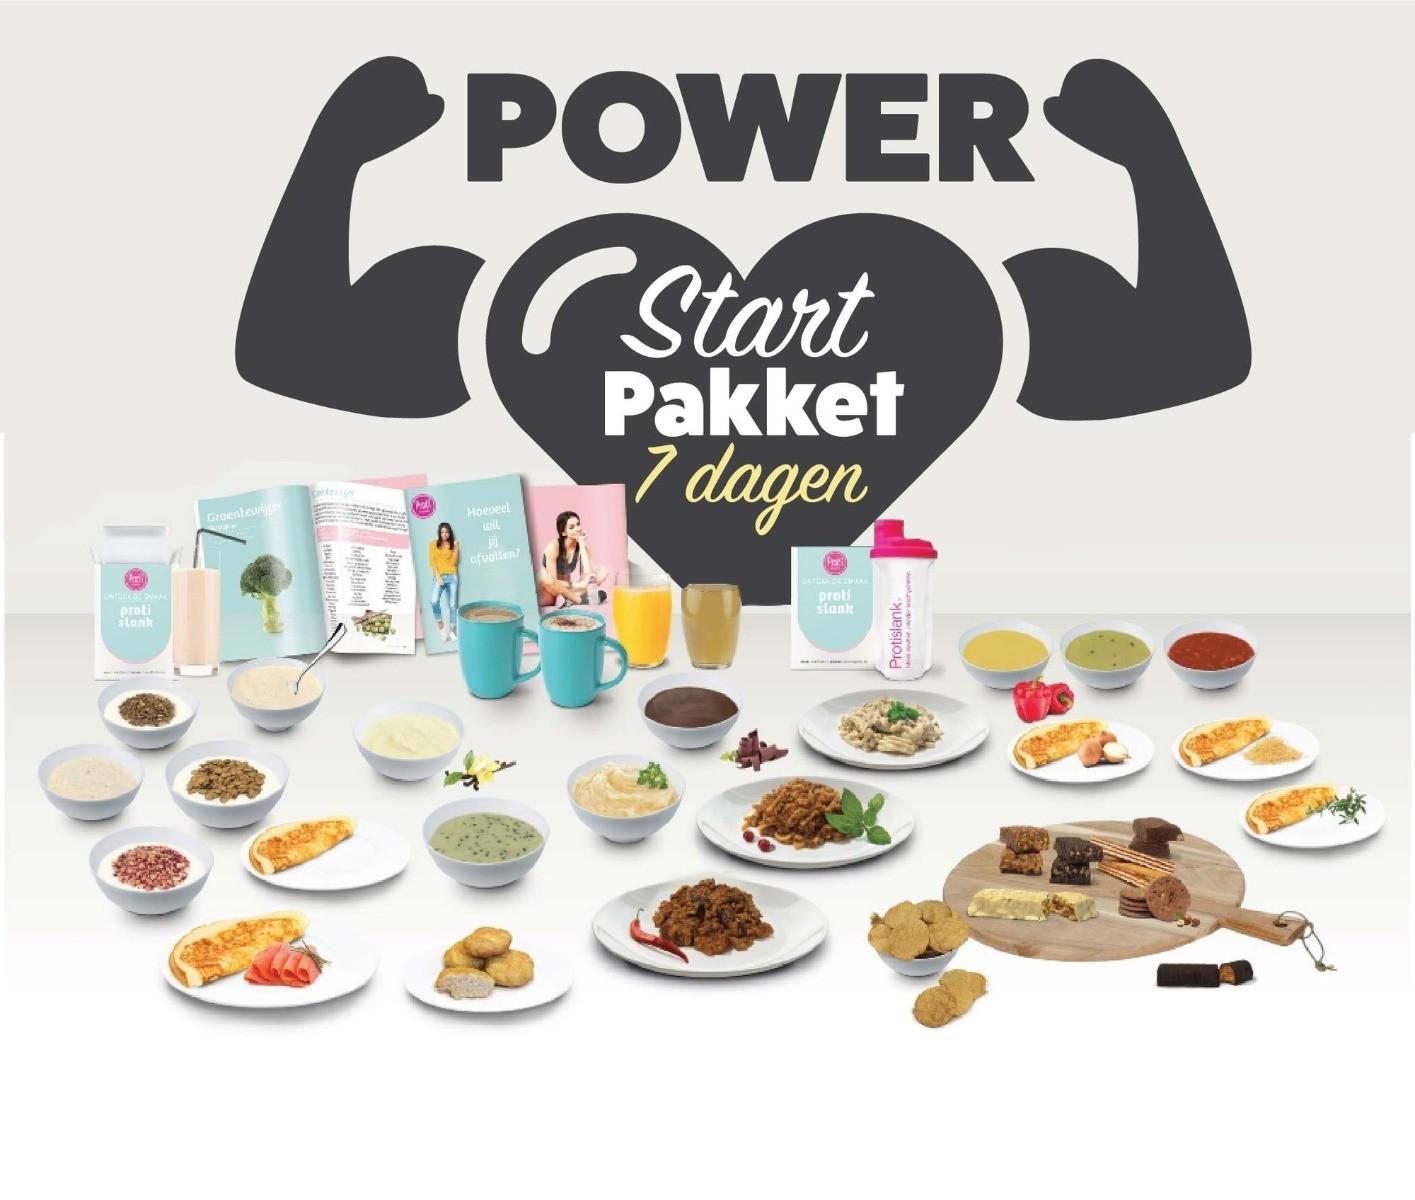 power startpakket 7 dagen protislank